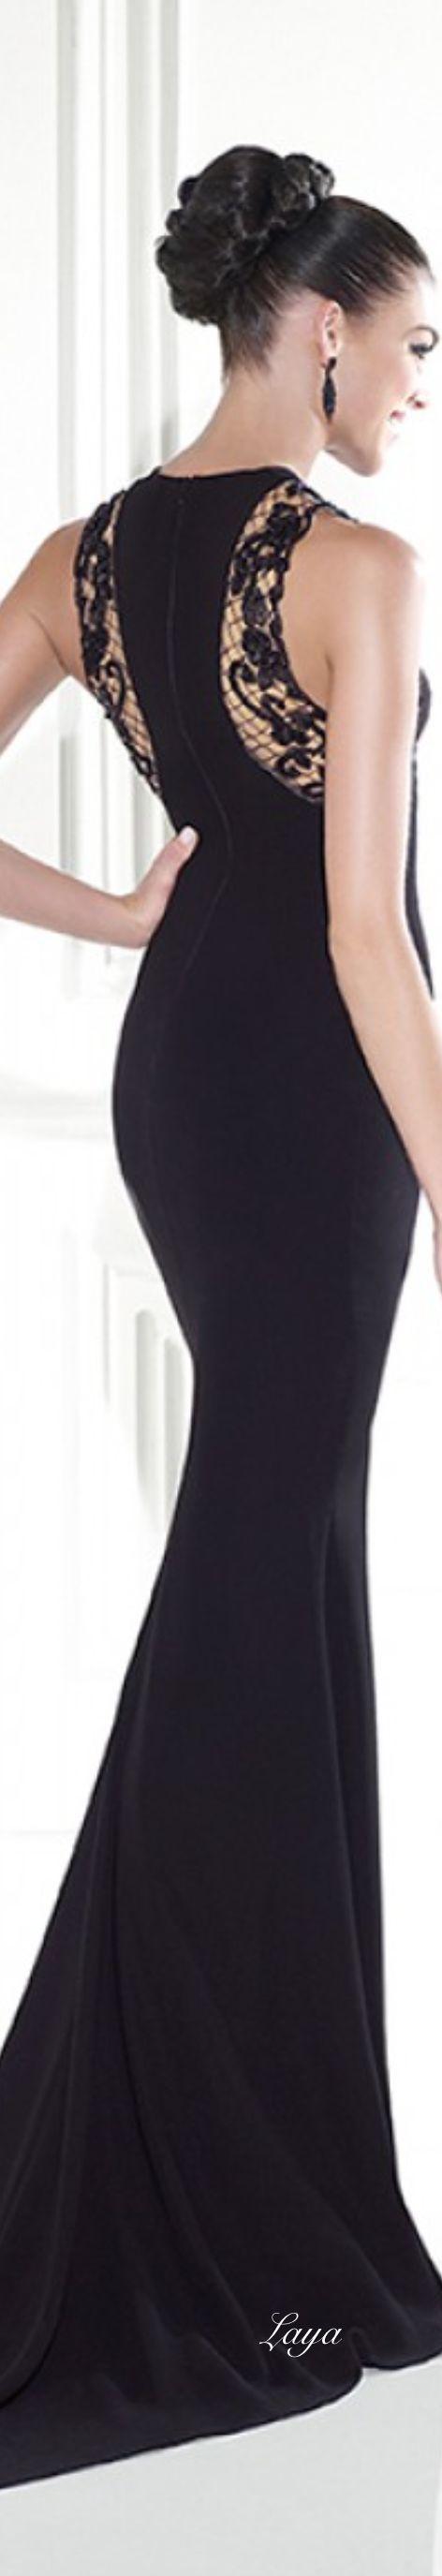 Выкройка вечернего платья | Шкатулка Lace sides with sleeves